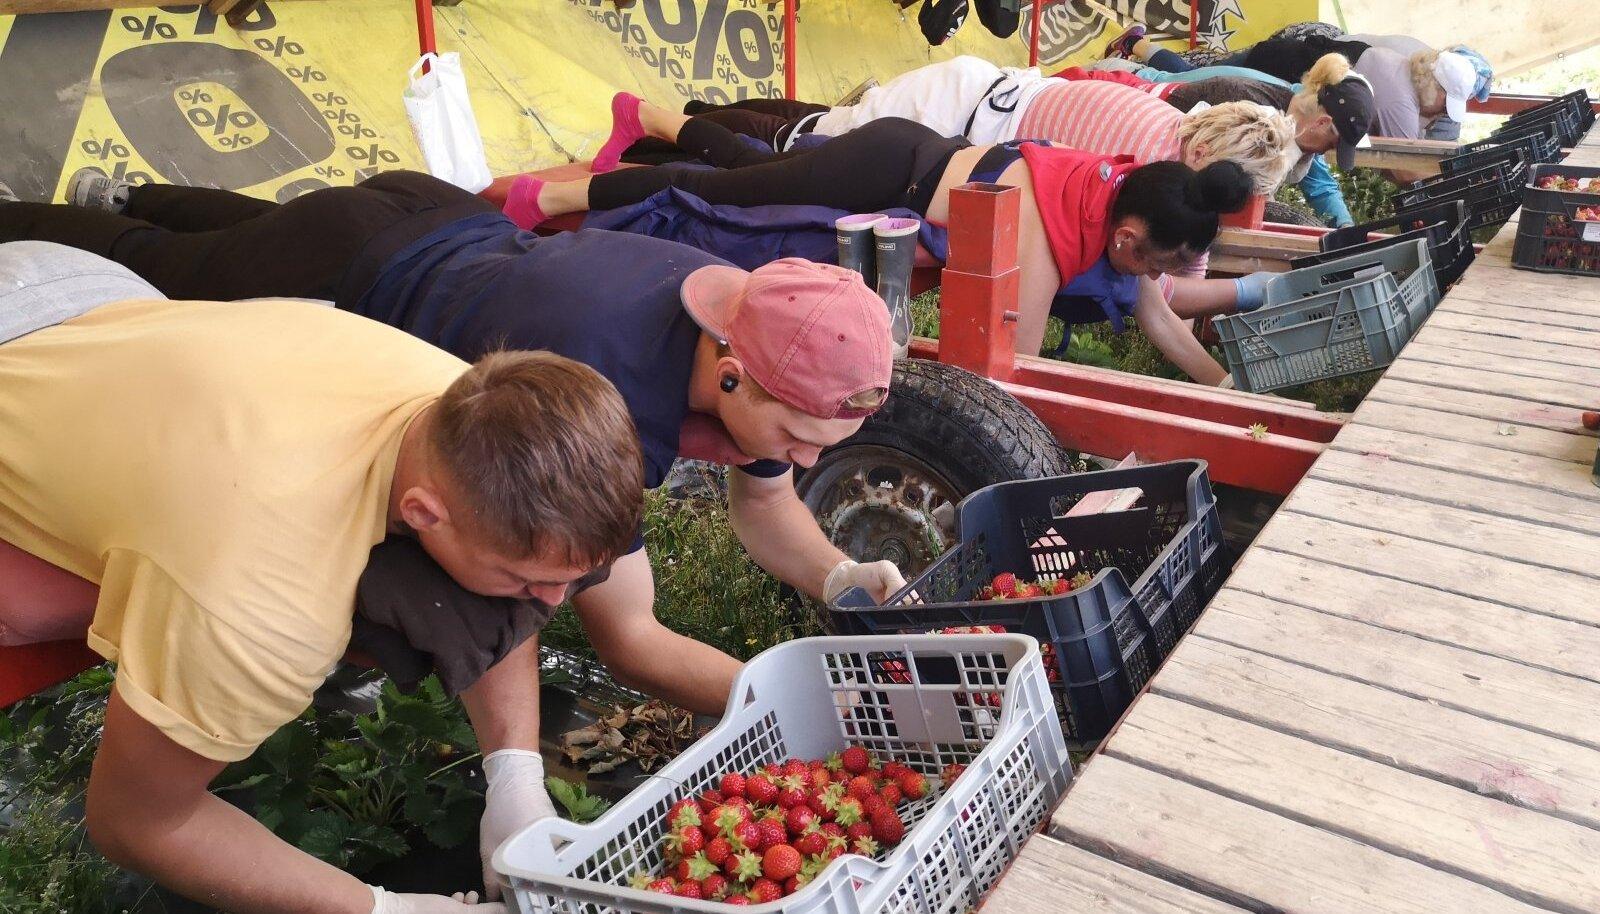 Aasta Põllumees 2020 kandidaadid, žürii ringsõit, maasikakorjajad, maasikad